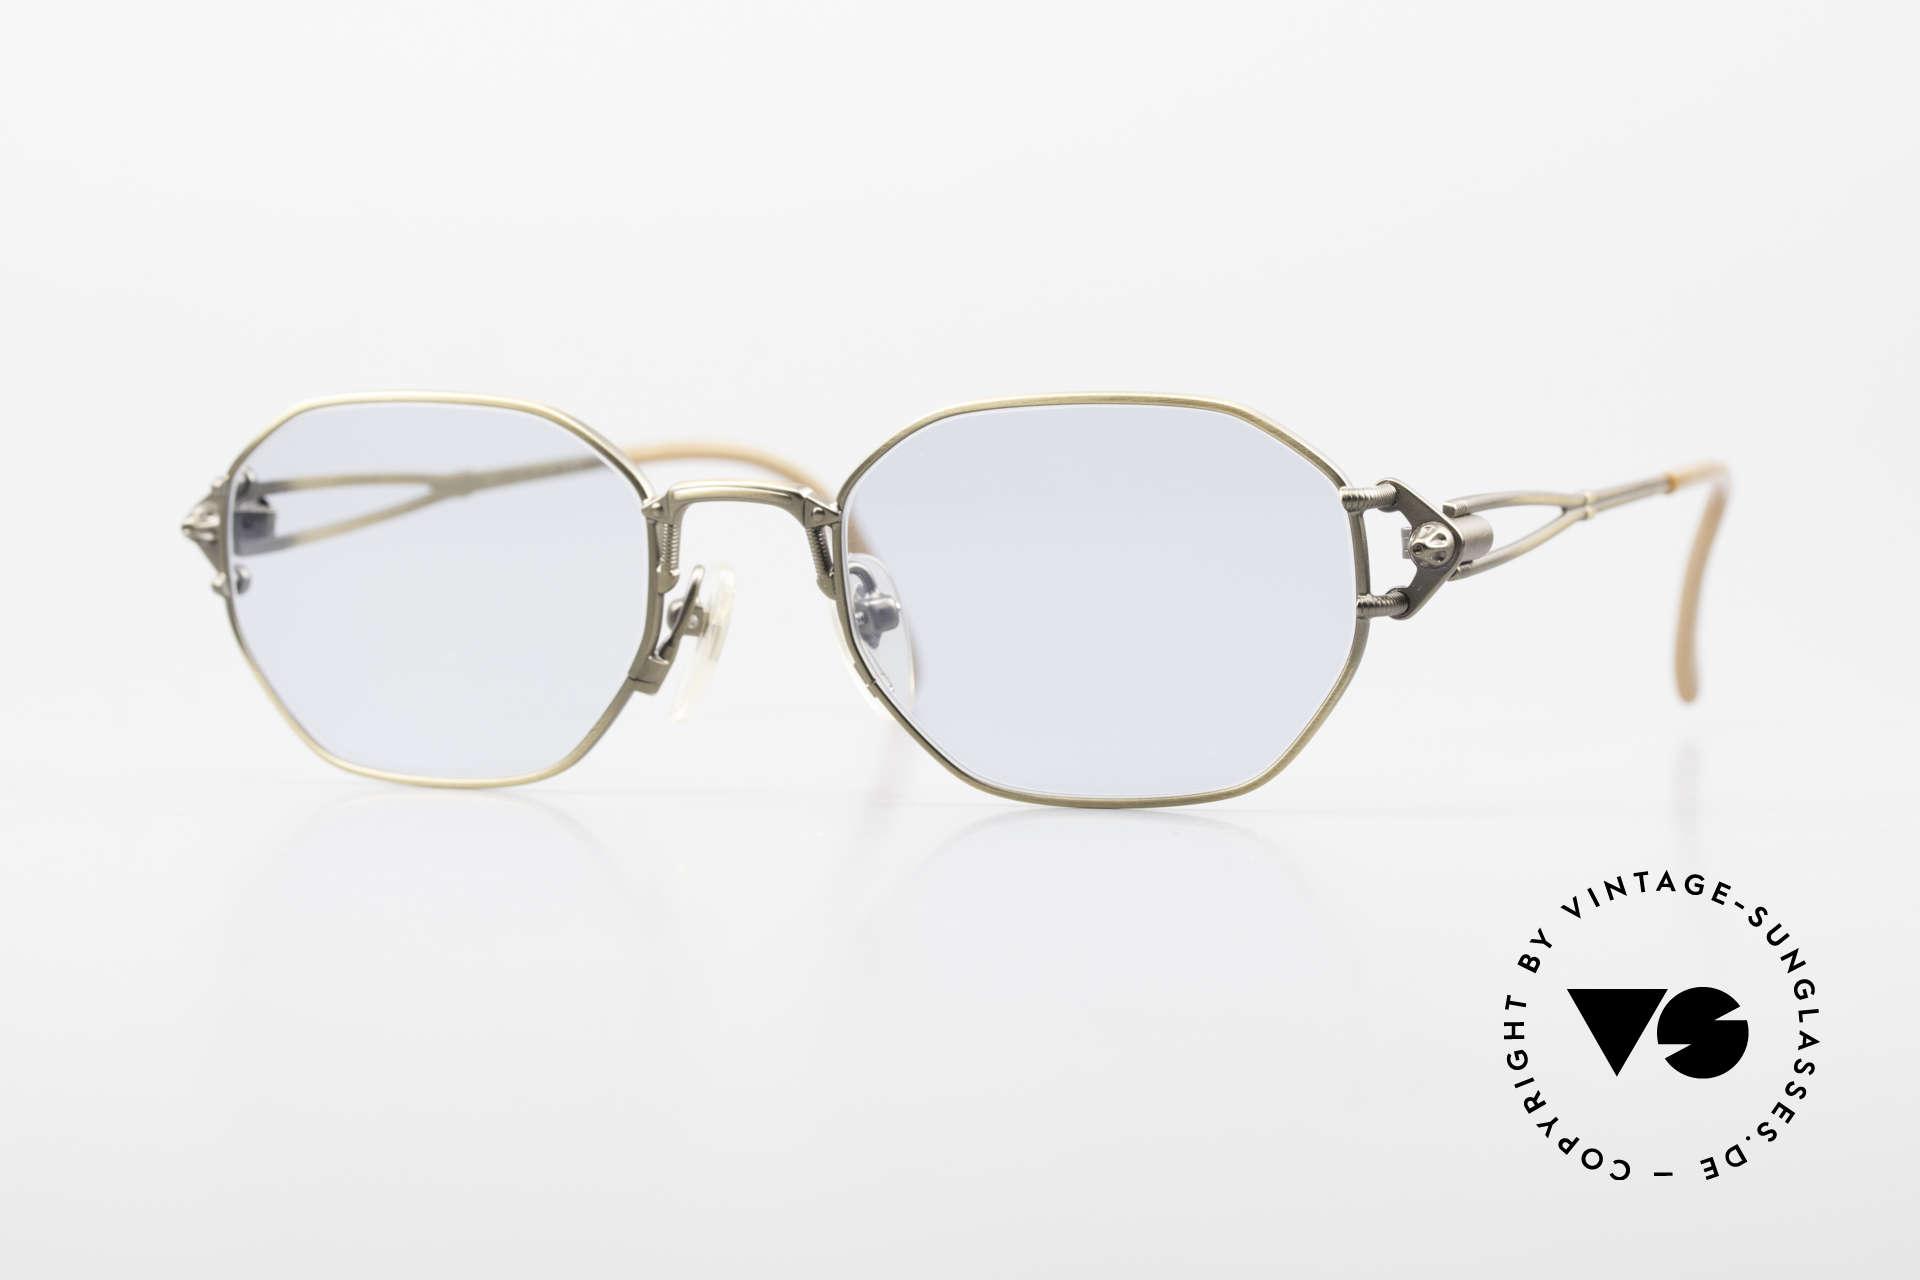 Jean Paul Gaultier 55-6106 Alte 90er Designer Sonnenbrille, kostbare Jean Paul Gaultier Sonnenbrille von ca. 1994, Passend für Herren und Damen